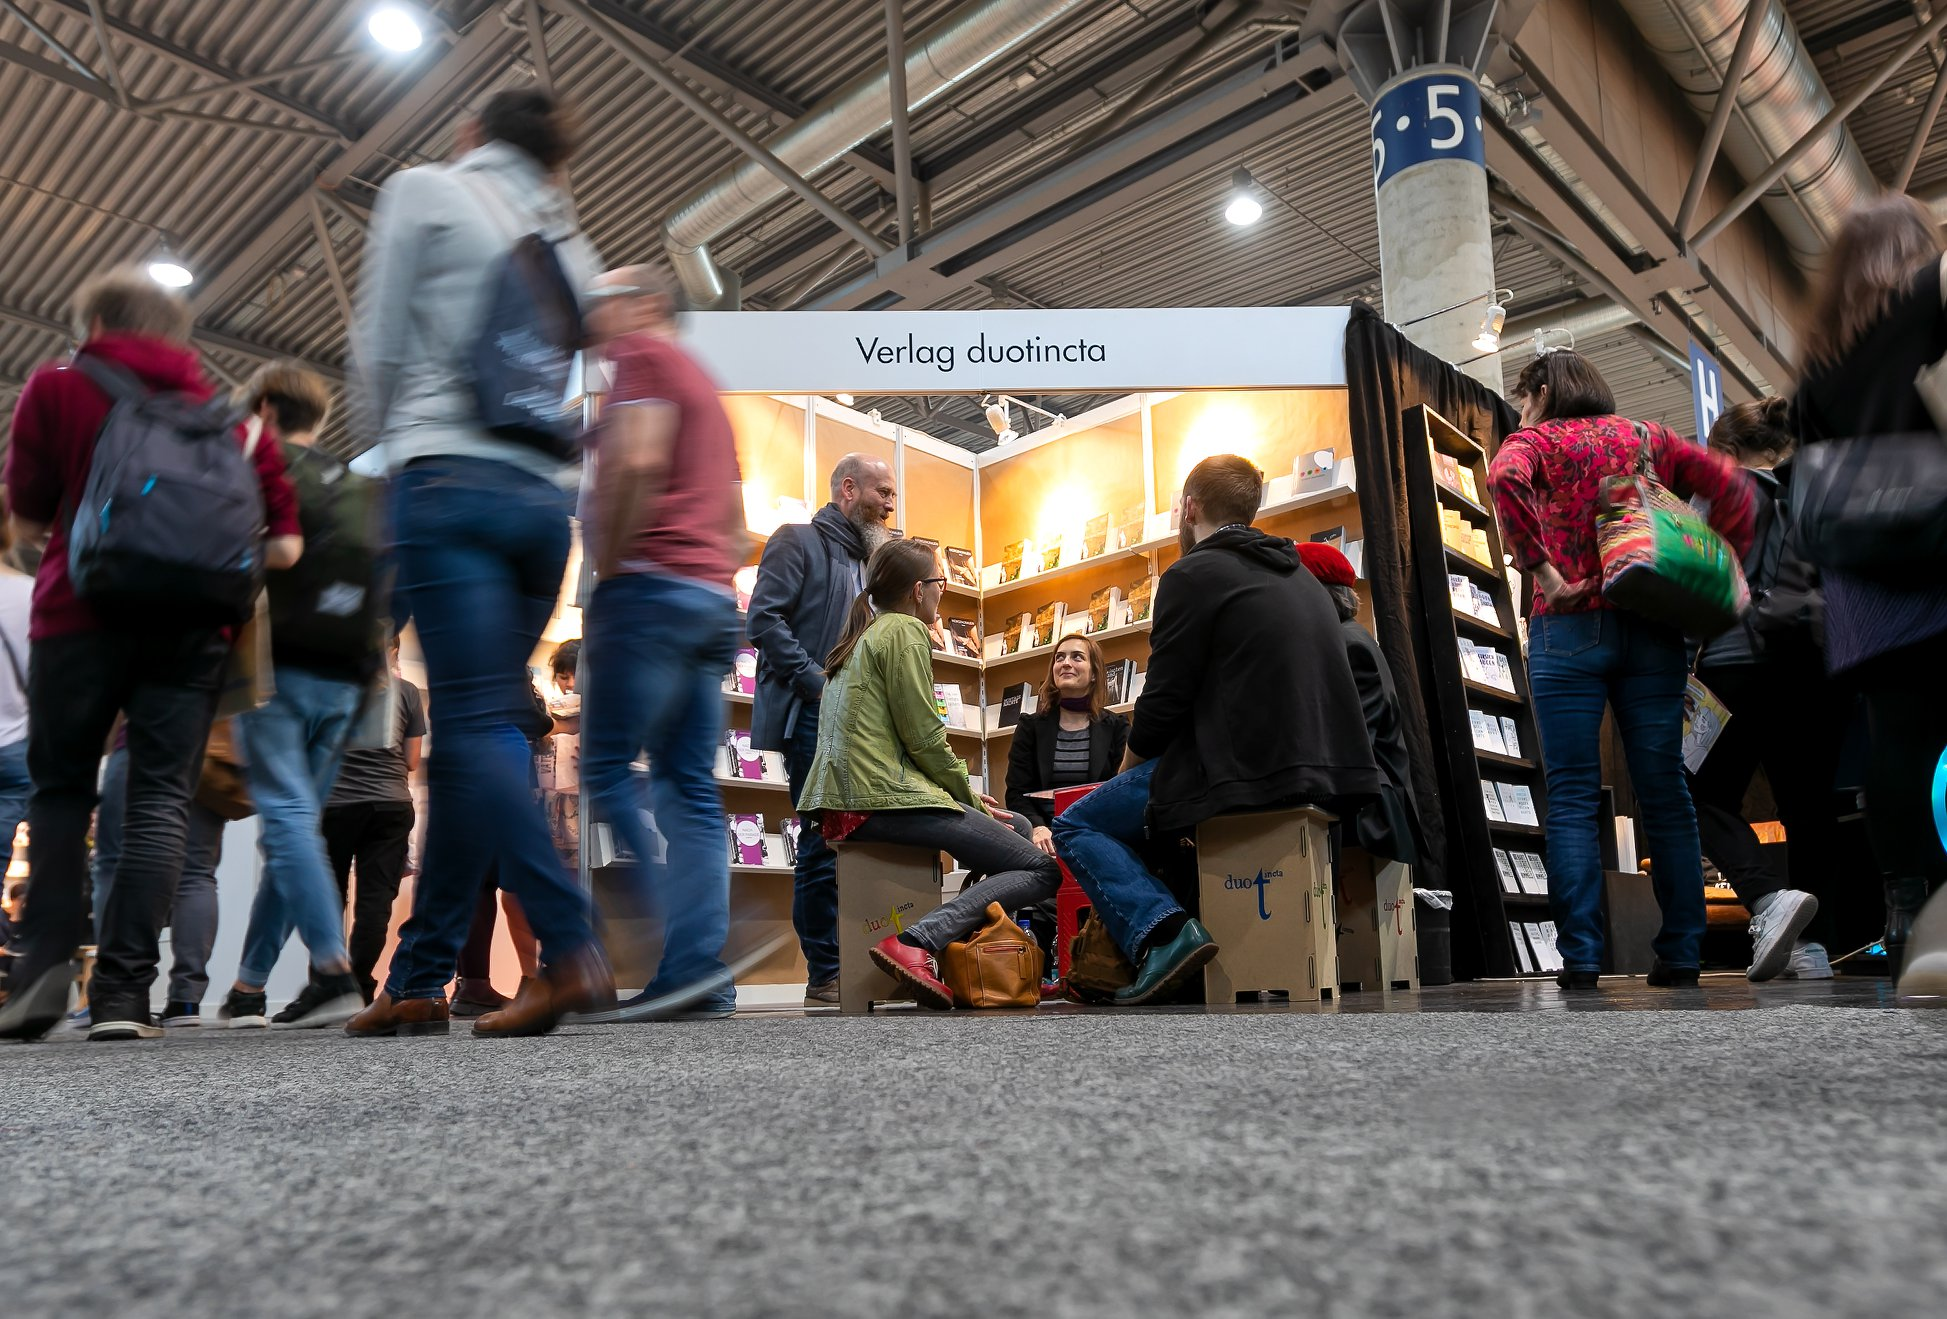 Die duotinctaner am Verlagsstand auf der Leipziger Buchmesse 2019